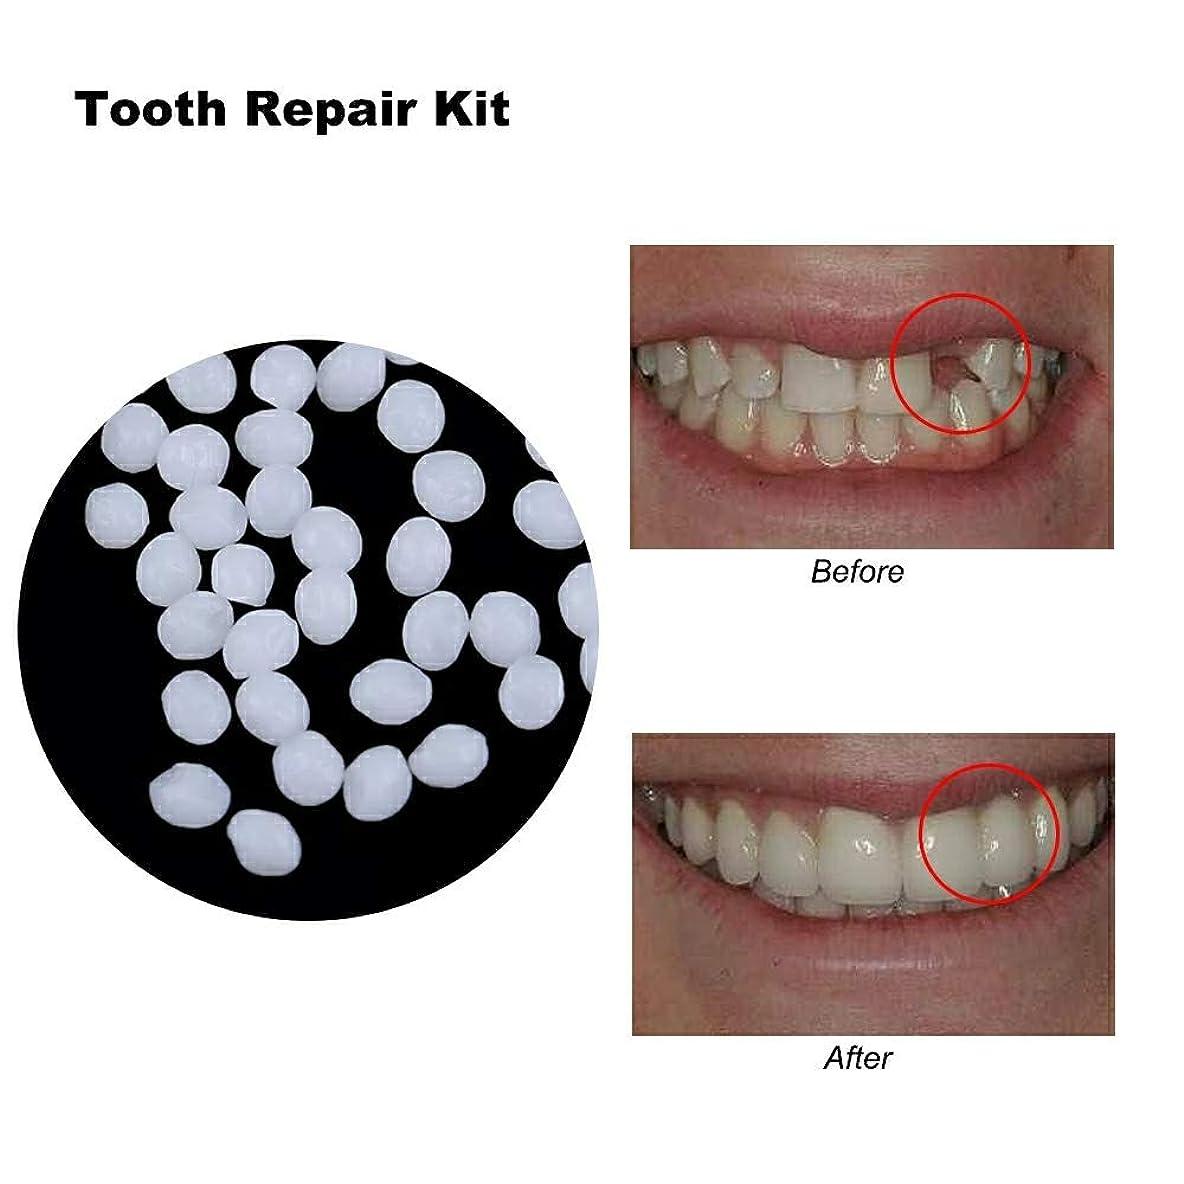 織る離婚合併症義歯の固体接着剤の一時的な歯の修理キットの歯の欠けている歯の交換用接着剤、5個,White,10g